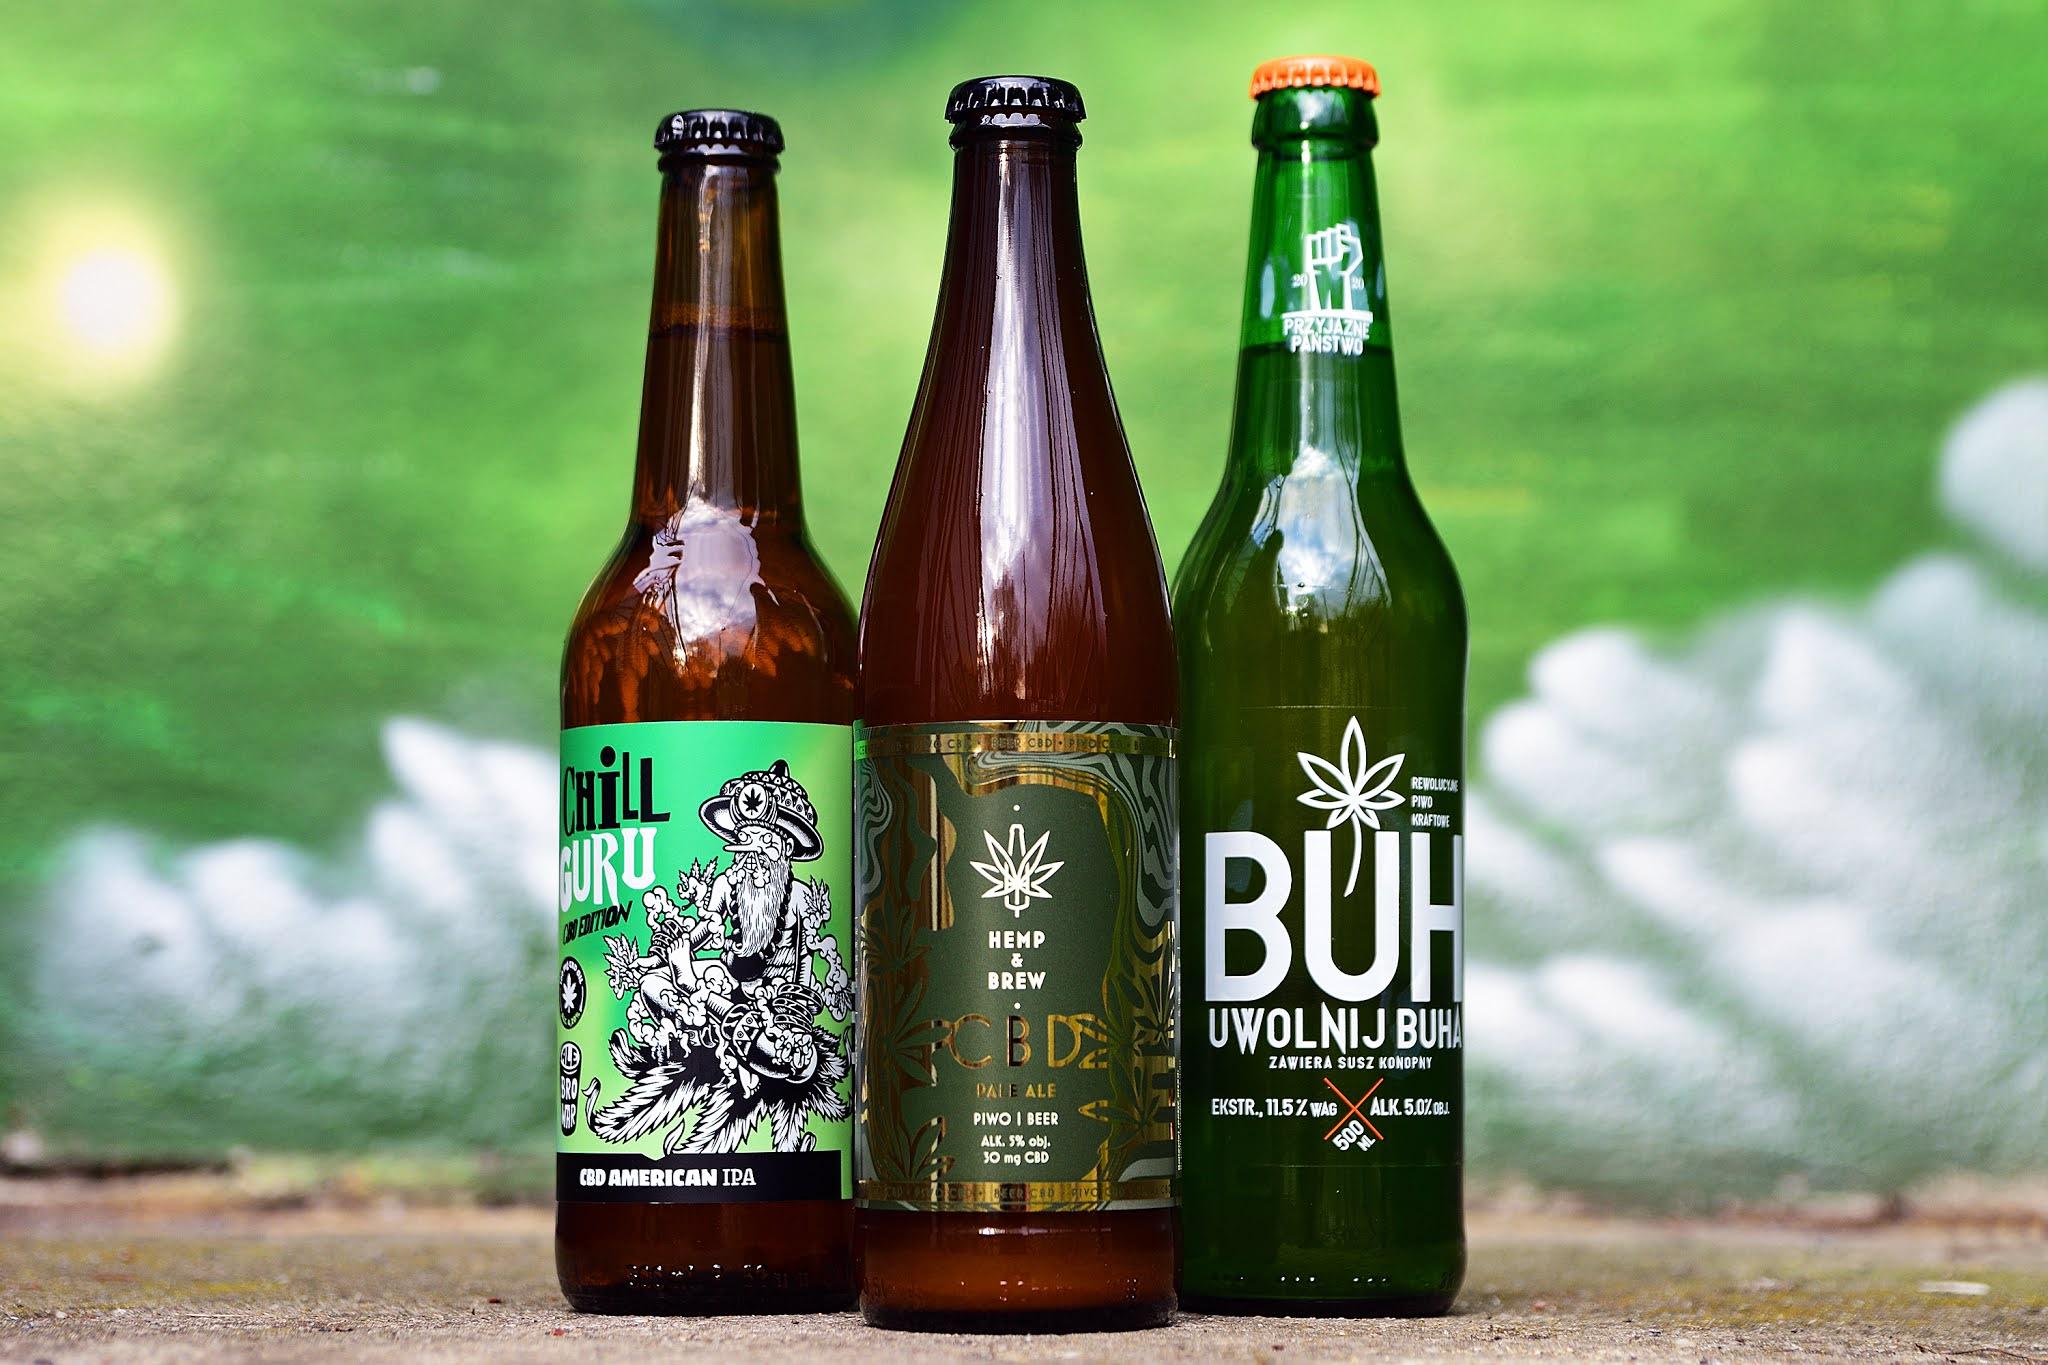 Piwa z dodatkiem konopii  - idealne do chillowania?